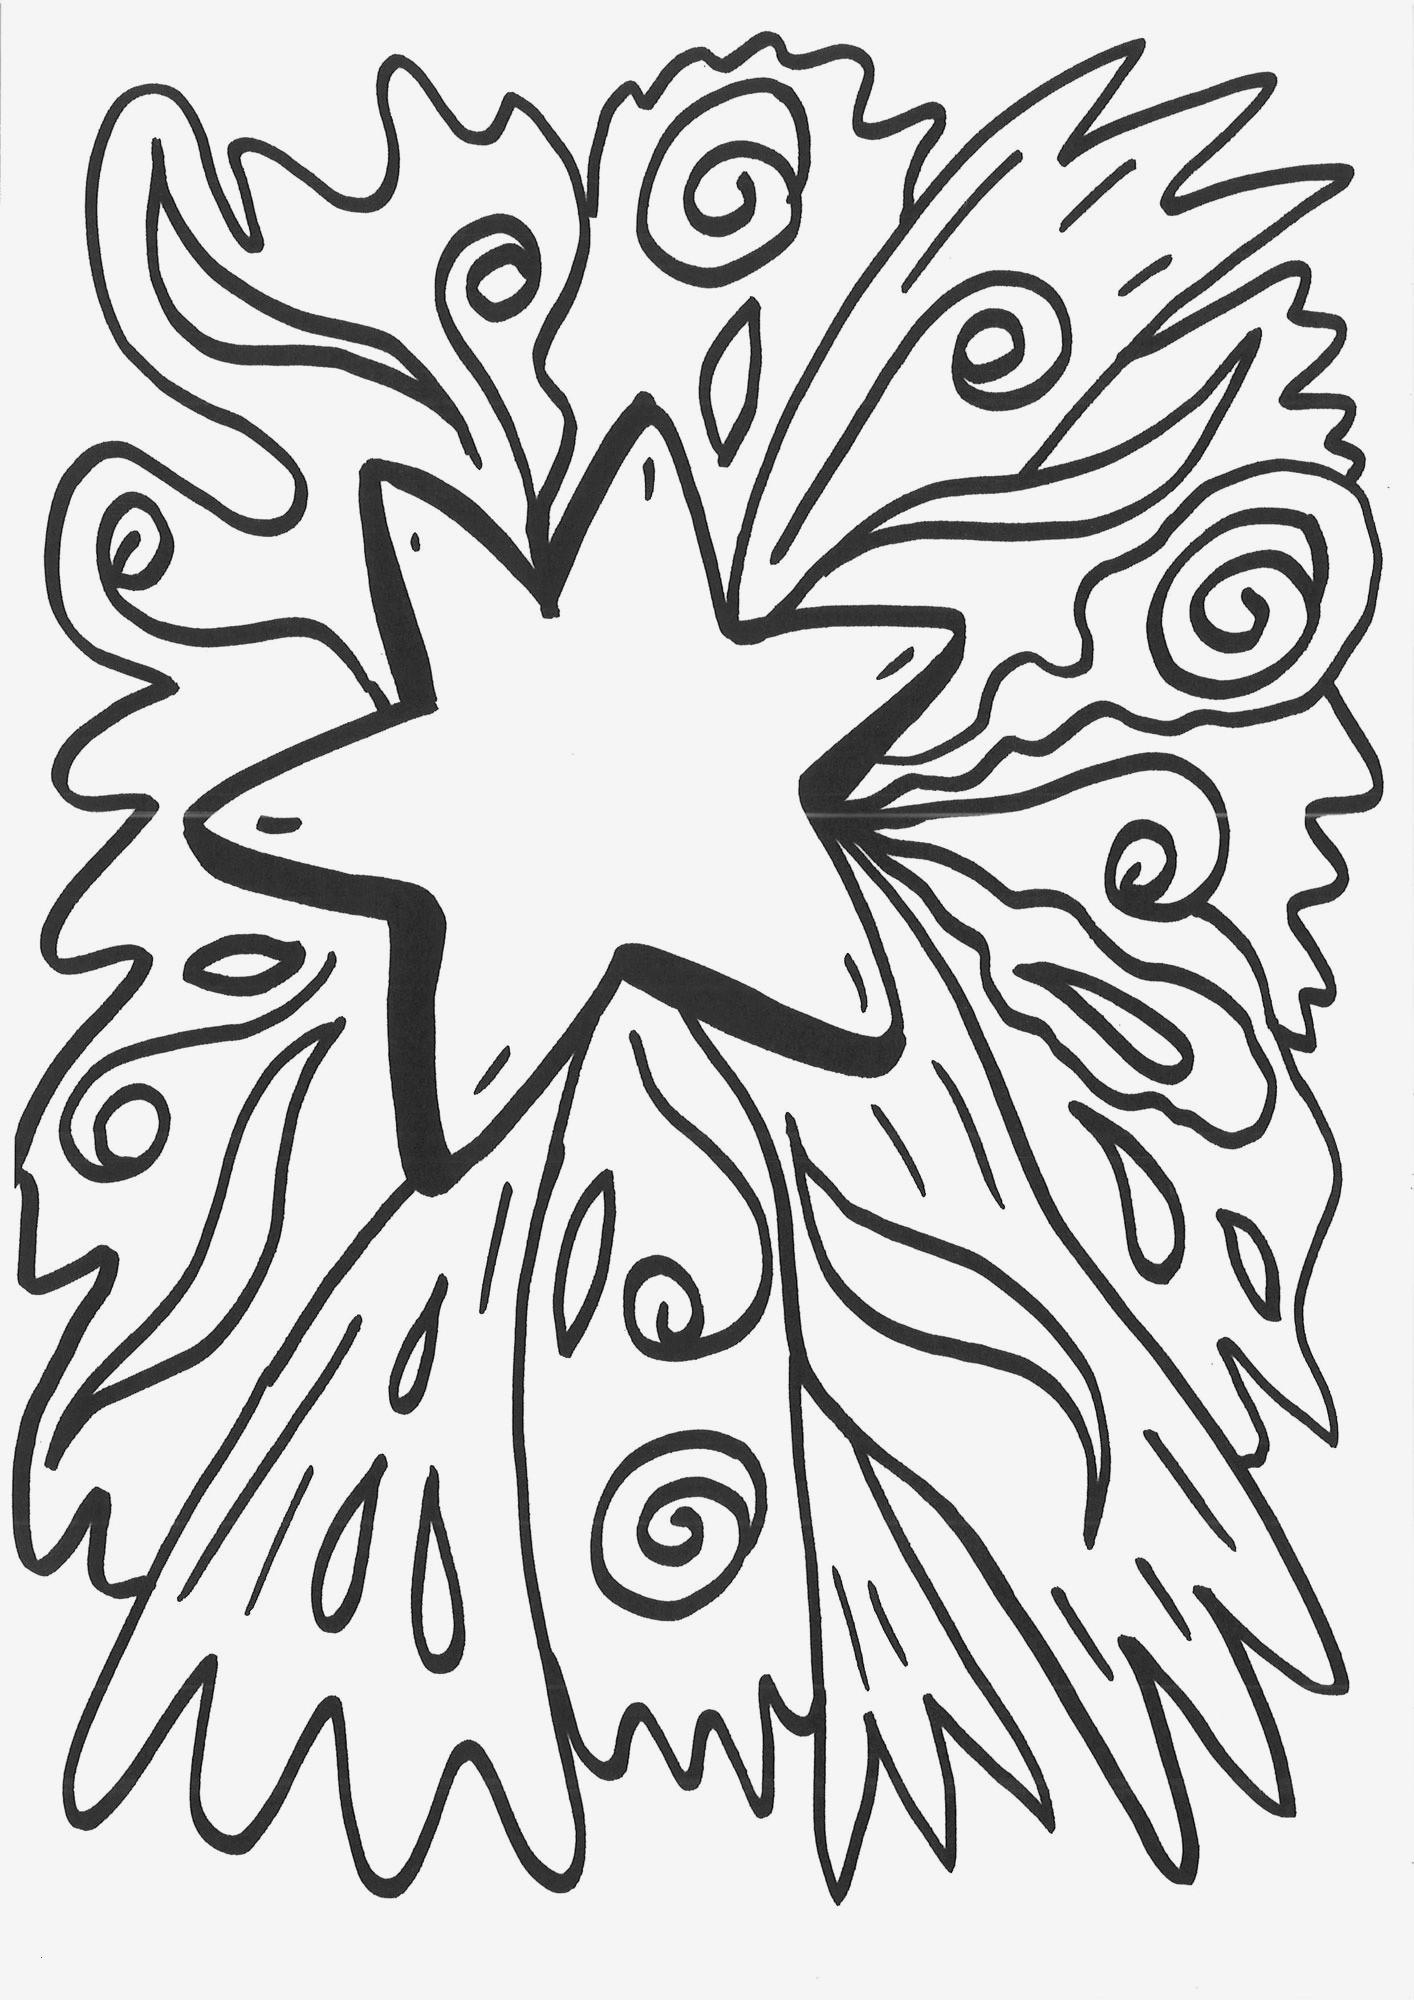 Winx Club Ausmalbilder Einzigartig Eine Sammlung Von Färbung Bilder Ausmalbilder Stern Best Winx Bilder